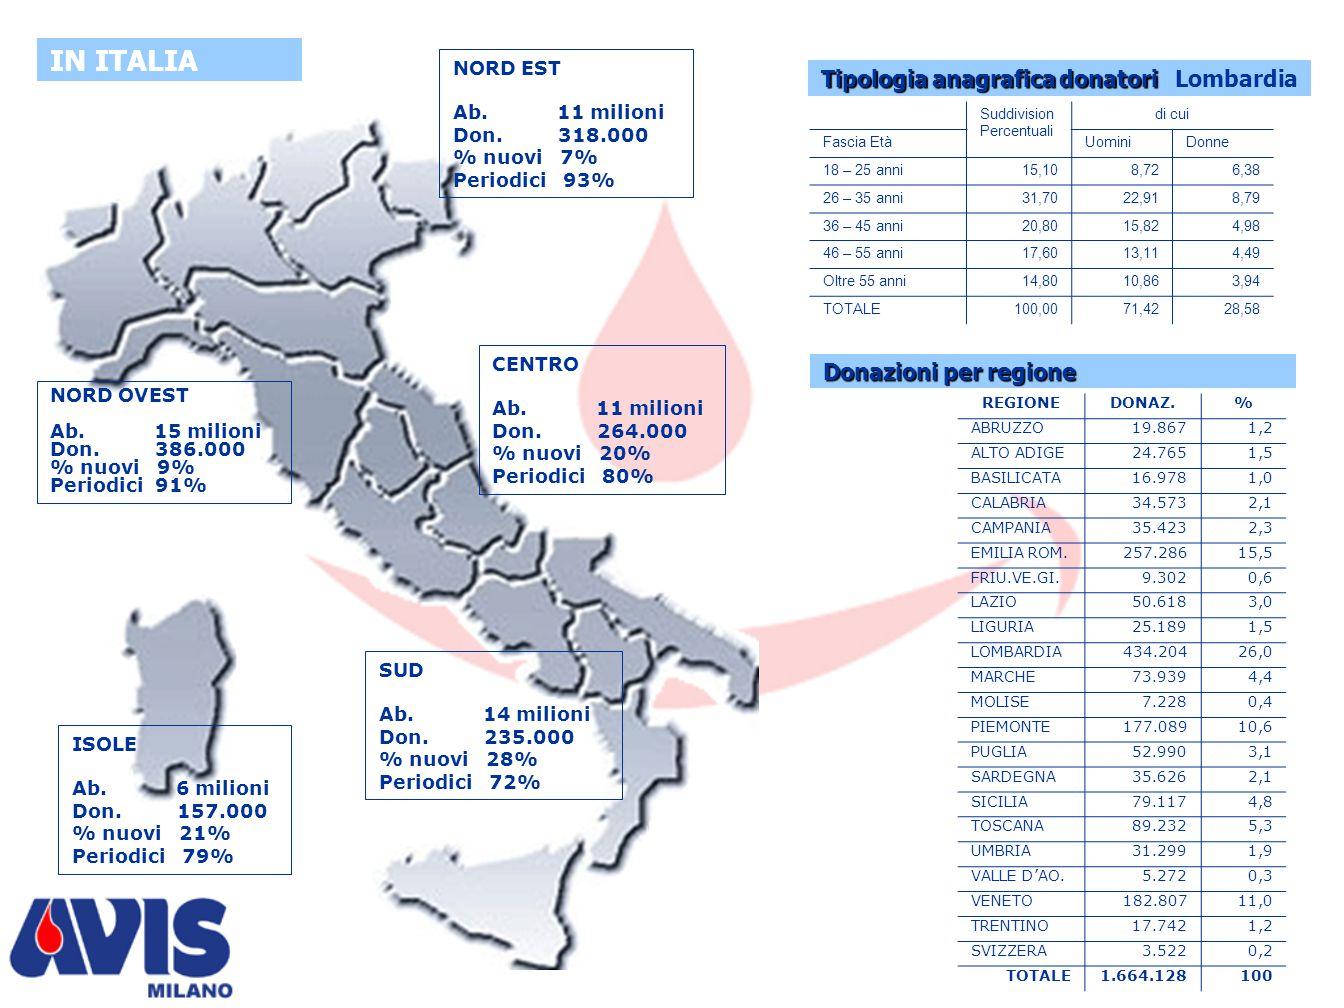 Indagine ADSINT Istituto Tumori - Milano Fasce d'età Fasce d'età (sul totale donatori) Nuovi donatori Atività trasfusionale Emocomponenti trasfusi INT 200120022003Nel triennio 18-25 ANNI 26%23%20%(-65) 200120022003 Adesioni 478398394 Mai donato o Arresi dopo la 1a donazione 5562141